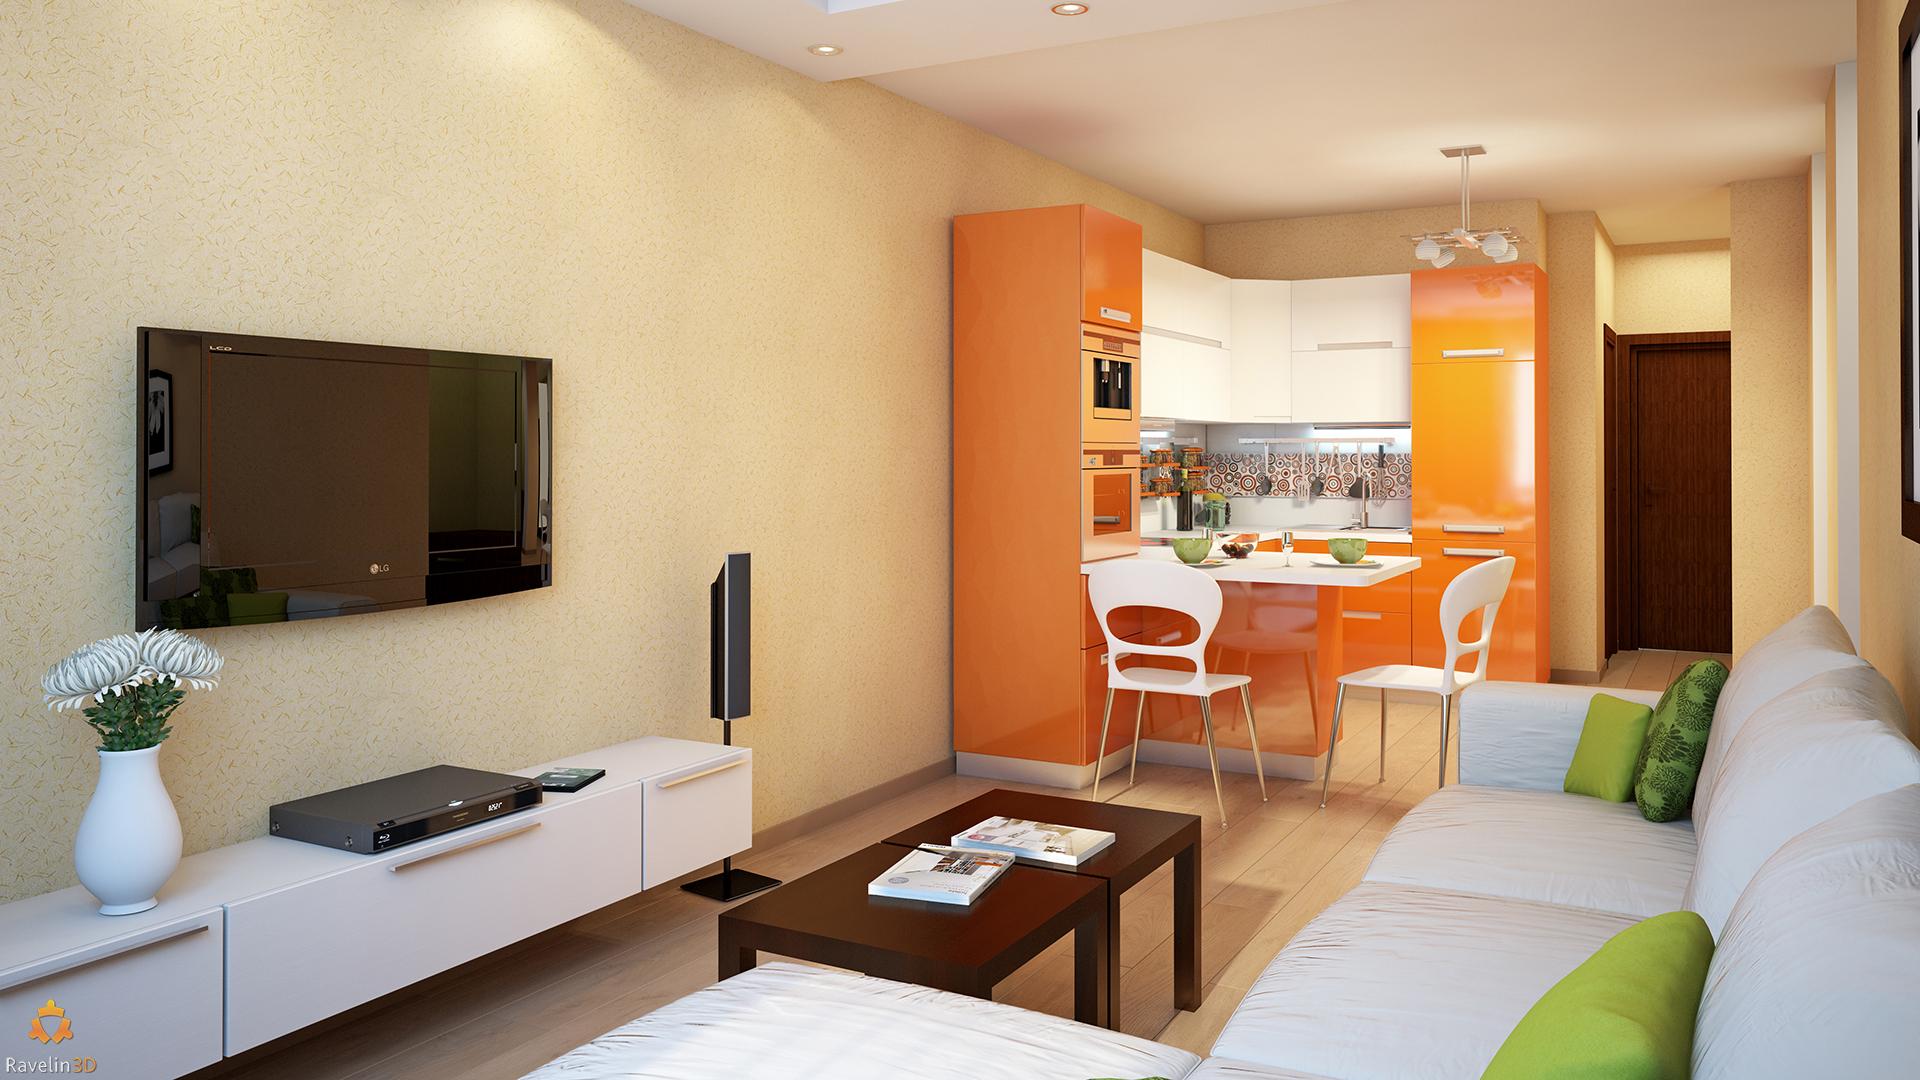 оранжевая кухня и светлая гостиная